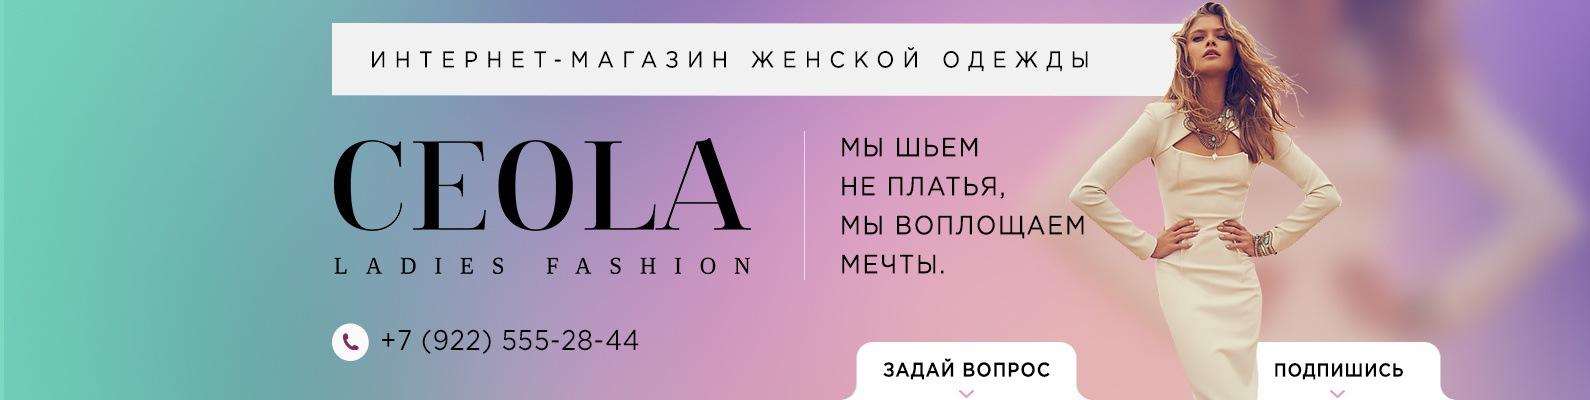 410c6701305 Интернет-магазин женской одежды